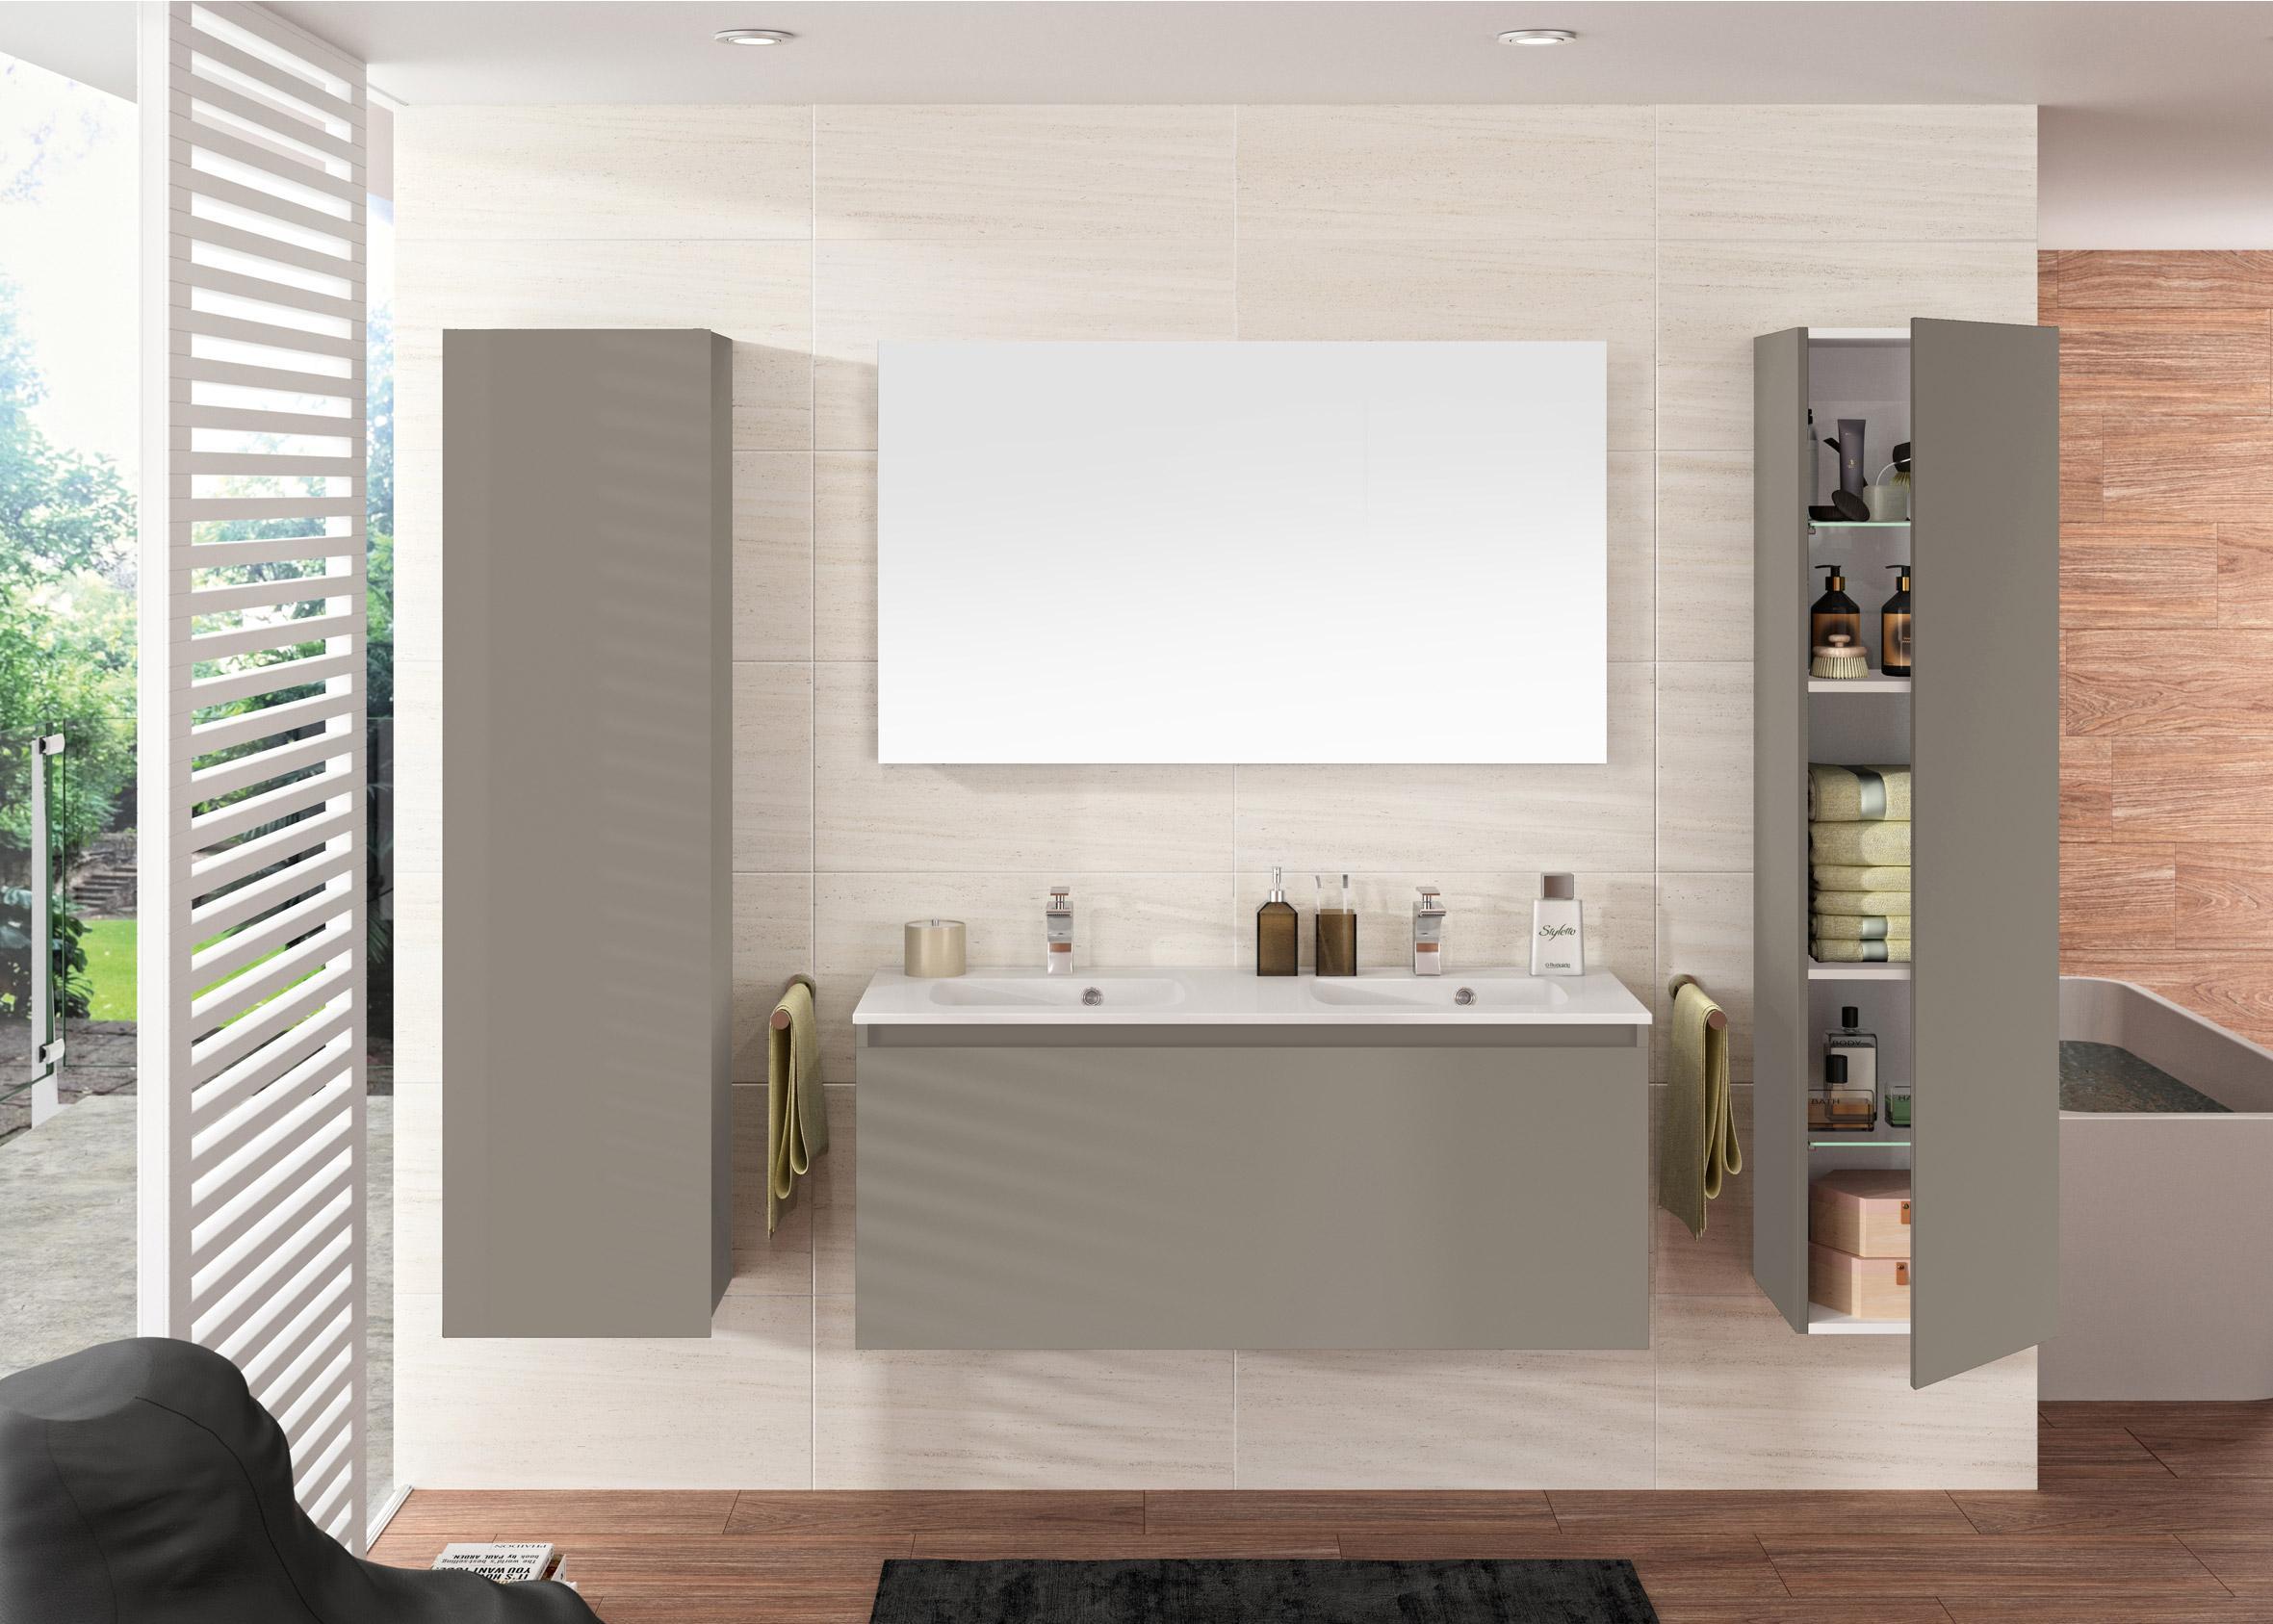 Meuble H Et H ensemble de meuble, vasque et miroir l.120 x h.47.2 x p.44 cm, gris, nordik